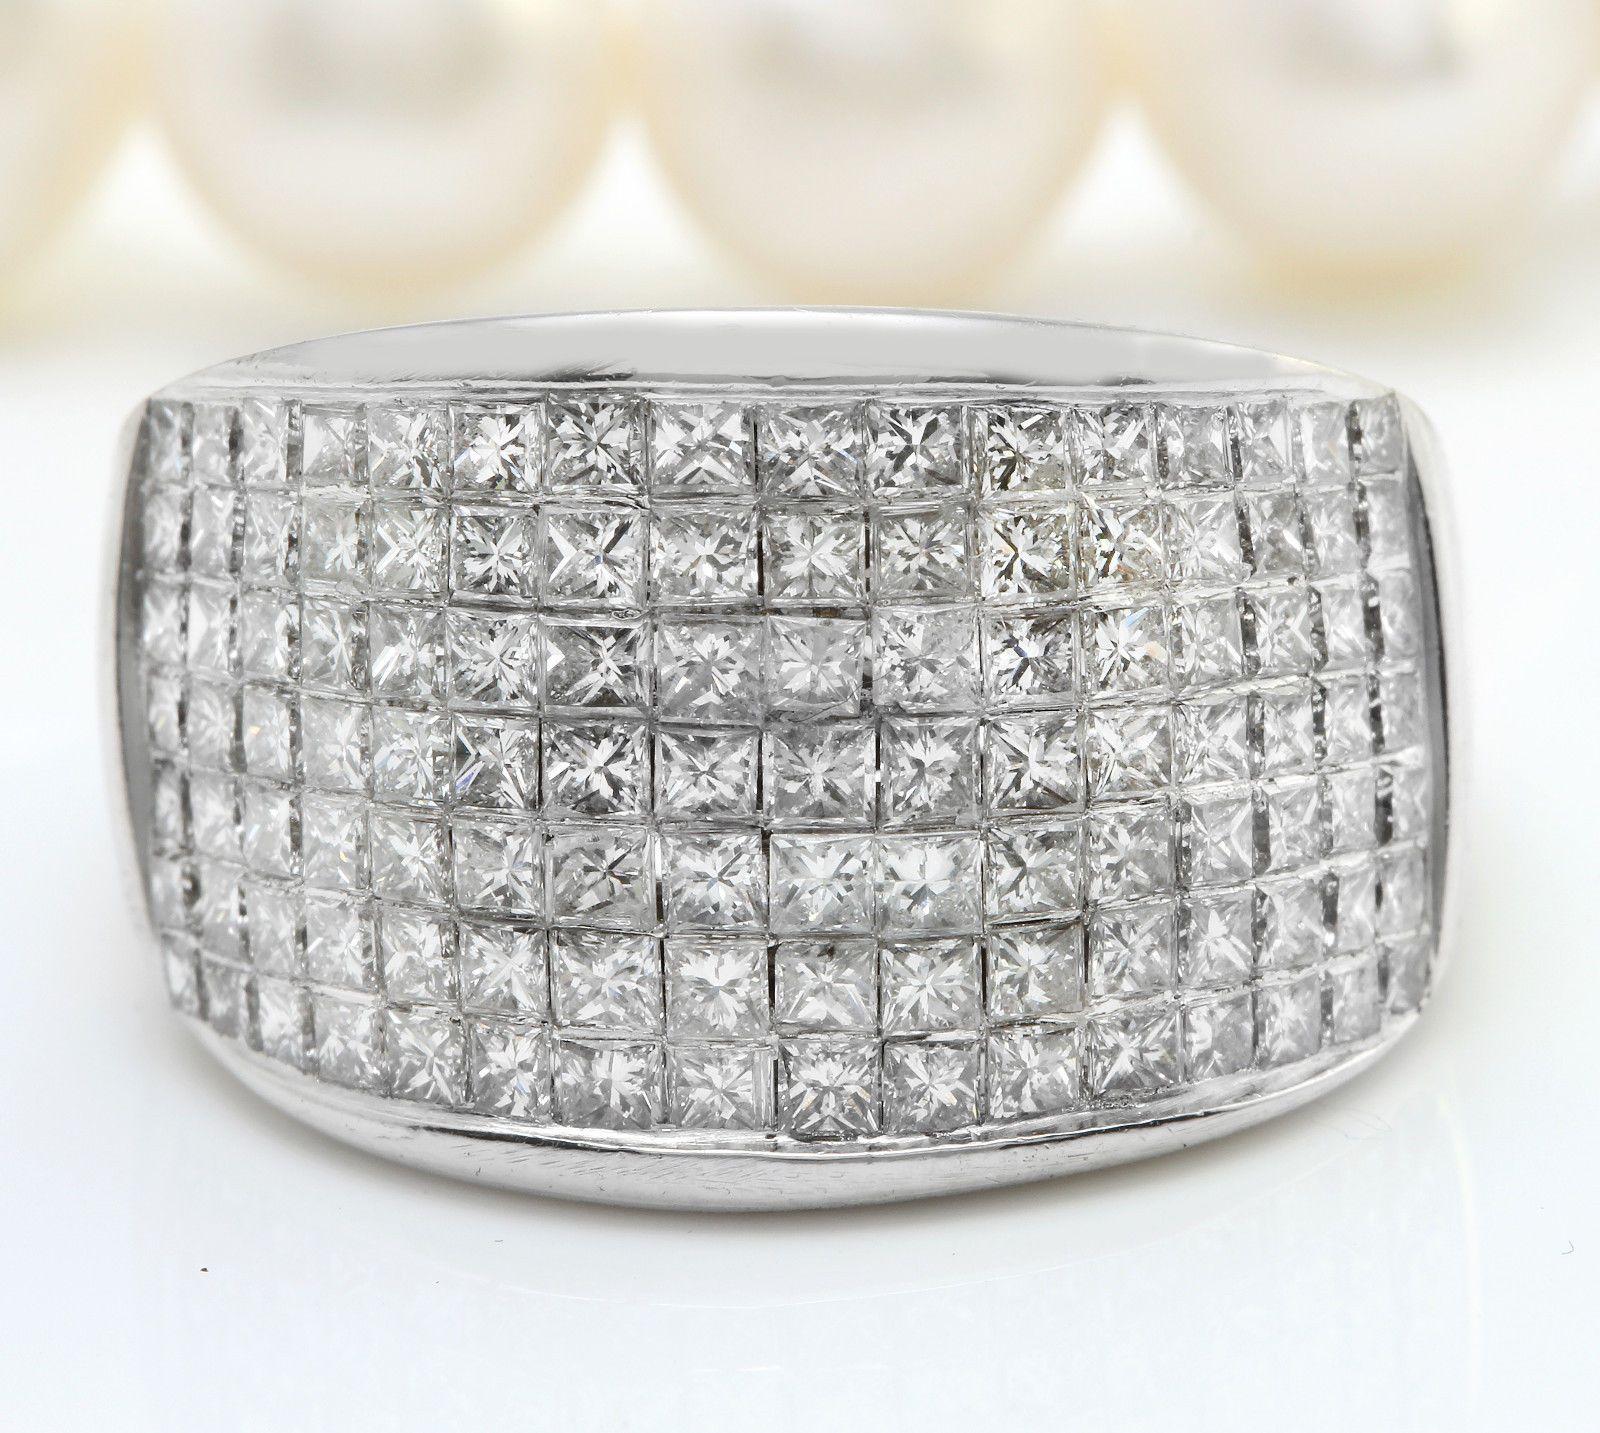 3.50CTW Natural VS2 G-H DIAMONDS in 18K Solid White Gold Women Ring https://t.co/g4YbiImSxy https://t.co/jDT81JwHFb http://twitter.com/Soivzo_Riodge/status/773255367967006720